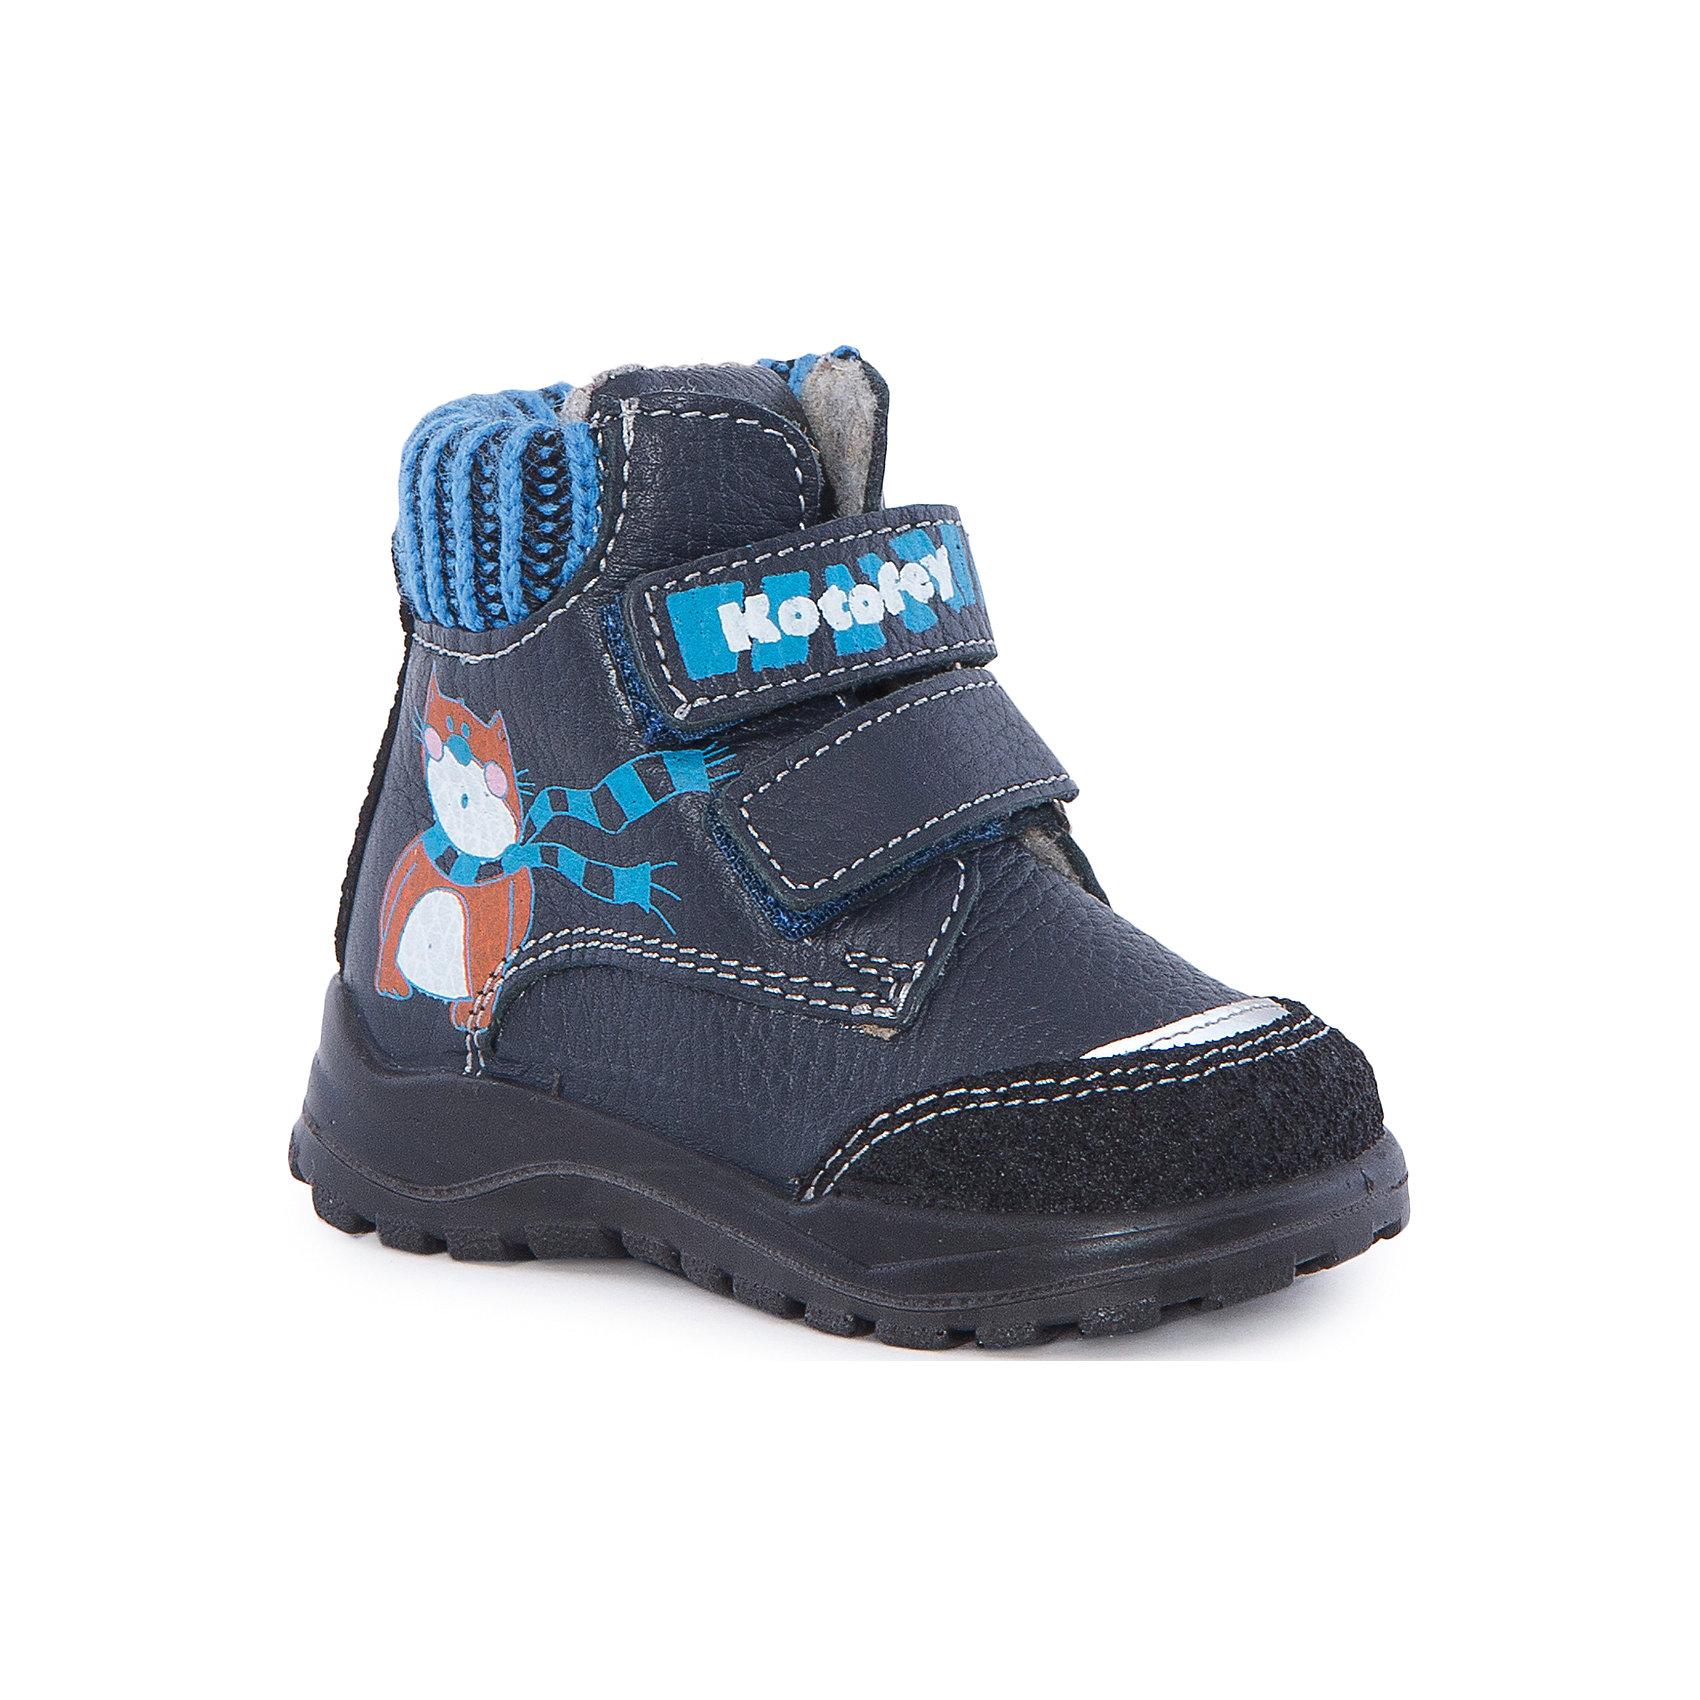 Ботинки для мальчика КотофейОбувь для малышей<br>Ботинки для мальчика Котофей.<br><br>Характеристики:<br><br>- Внешний материал: натуральная кожа<br>- Внутренний материал: байка<br>- Стелька: войлок<br>- Подошва: полиуретан<br>- Тип застежки: липучки<br>- Вид крепления обуви: литьевой<br>- Температурный режим до -10С<br>- Цвет: синий<br>- Сезон: весна, осень<br>- Пол: для мальчиков<br><br>Ботинки для мальчика торговой марки Котофей - отличный выбор для межсезонья. Верх модели выполнен полностью из дышащей натуральной гладкой кожи с гидрофобными свойствами. Подкладка – утеплённая, из полушерстяной байки. Дополнительную защиту от прохлады даёт войлочная стелька, которую можно вытащить для просушки, воспользовавшись специальной петлёй. Сверху модели имеется мягкий трикотажный манжет, обеспечивающий удобство при ходьбе и предотвращающий натирание ноги. Подошва литьевого метода крепления легкая и гибкая, имеет анатомическую форму следа, повторяя изгибы свода стопы. Благодаря этому ножки будут чувствовать себя комфортно весь день! Два ремня с липучкой позволяют не только быстро обувать и снимать обувь, но и обеспечивают плотное прилегание обуви к стопе. Дизайн соответствует и европейским, и отечественным тенденциям моды. Детская обувь «Котофей» качественна, красива, добротна, комфортна и долговечна. Она производится на Егорьевской обувной фабрике. Жесткий контроль производства и постоянное совершенствование технологий при многолетнем опыте позволяют считать компанию одним из лидеров среди отечественных производителей детской обуви.<br><br>Ботинки для мальчика Котофей можно купить в нашем интернет-магазине.<br><br>Ширина мм: 262<br>Глубина мм: 176<br>Высота мм: 97<br>Вес г: 427<br>Цвет: синий<br>Возраст от месяцев: 18<br>Возраст до месяцев: 21<br>Пол: Мужской<br>Возраст: Детский<br>Размер: 23,24,20,21,22<br>SKU: 5023929